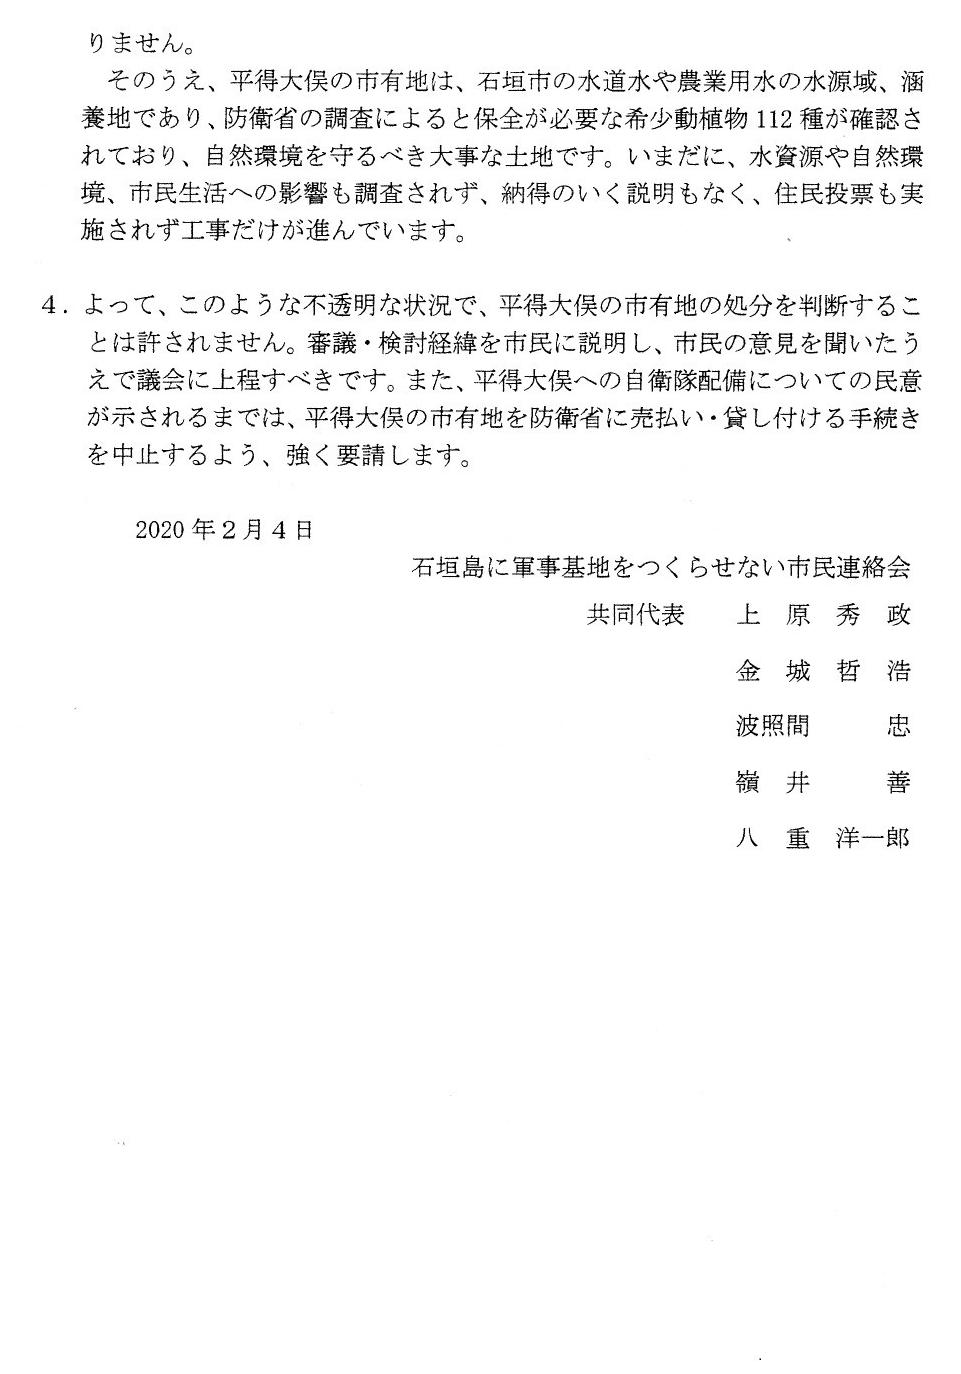 市有地処分に係る要請書02